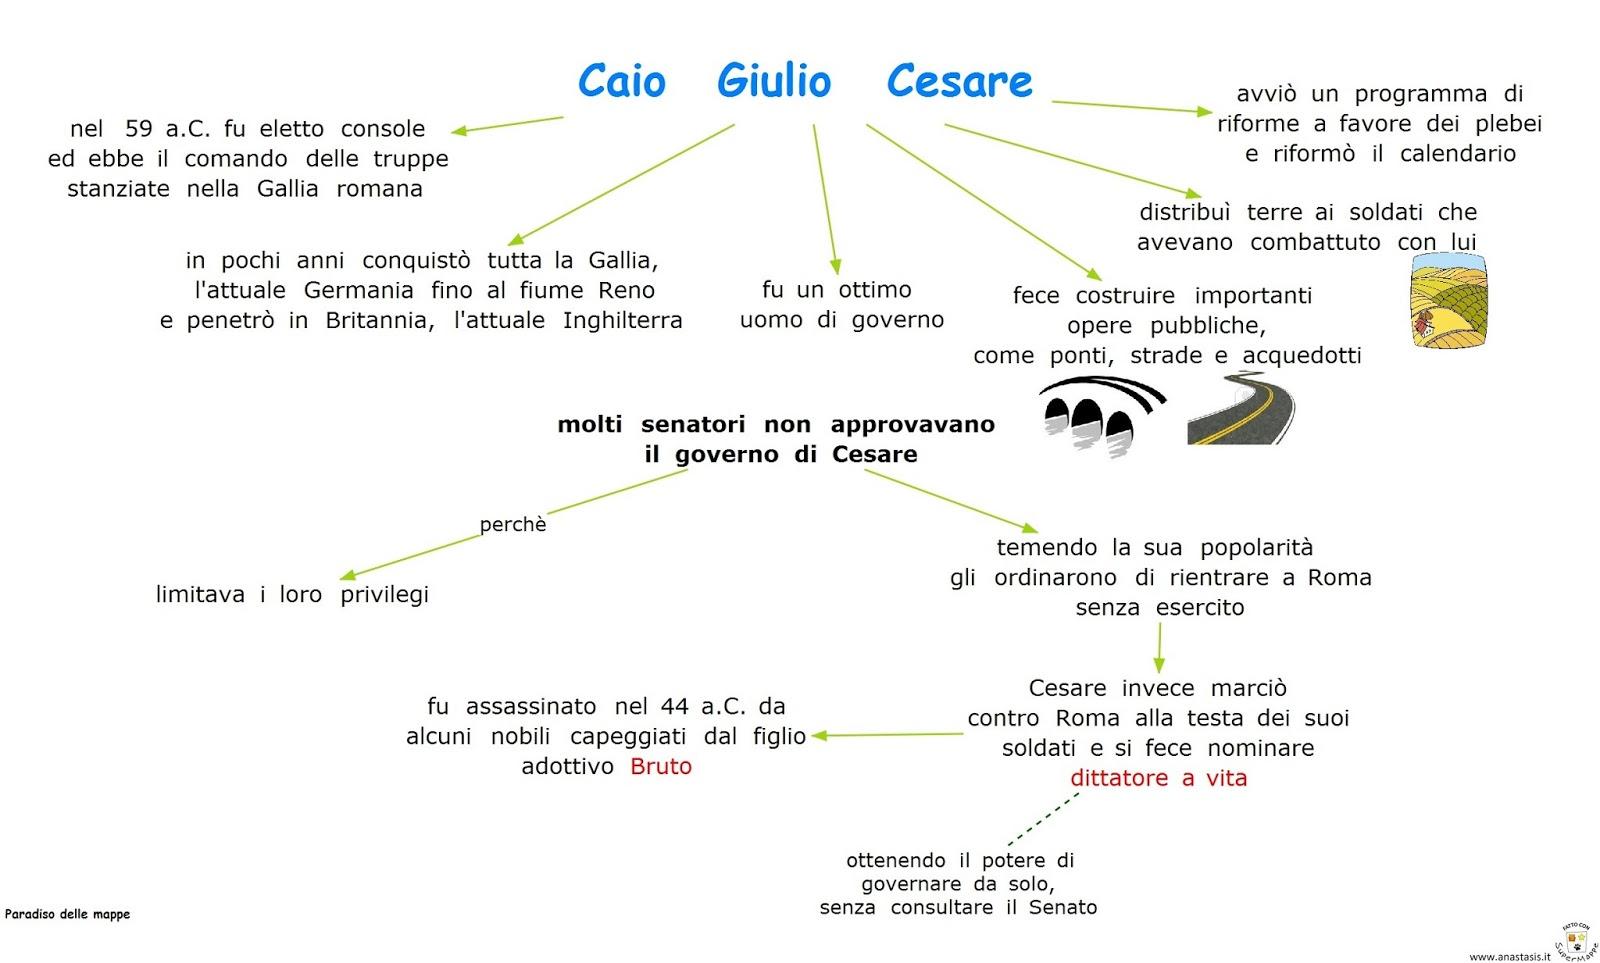 Ben noto Paradiso delle mappe: Roma: Caio Giulio Cesare MW23